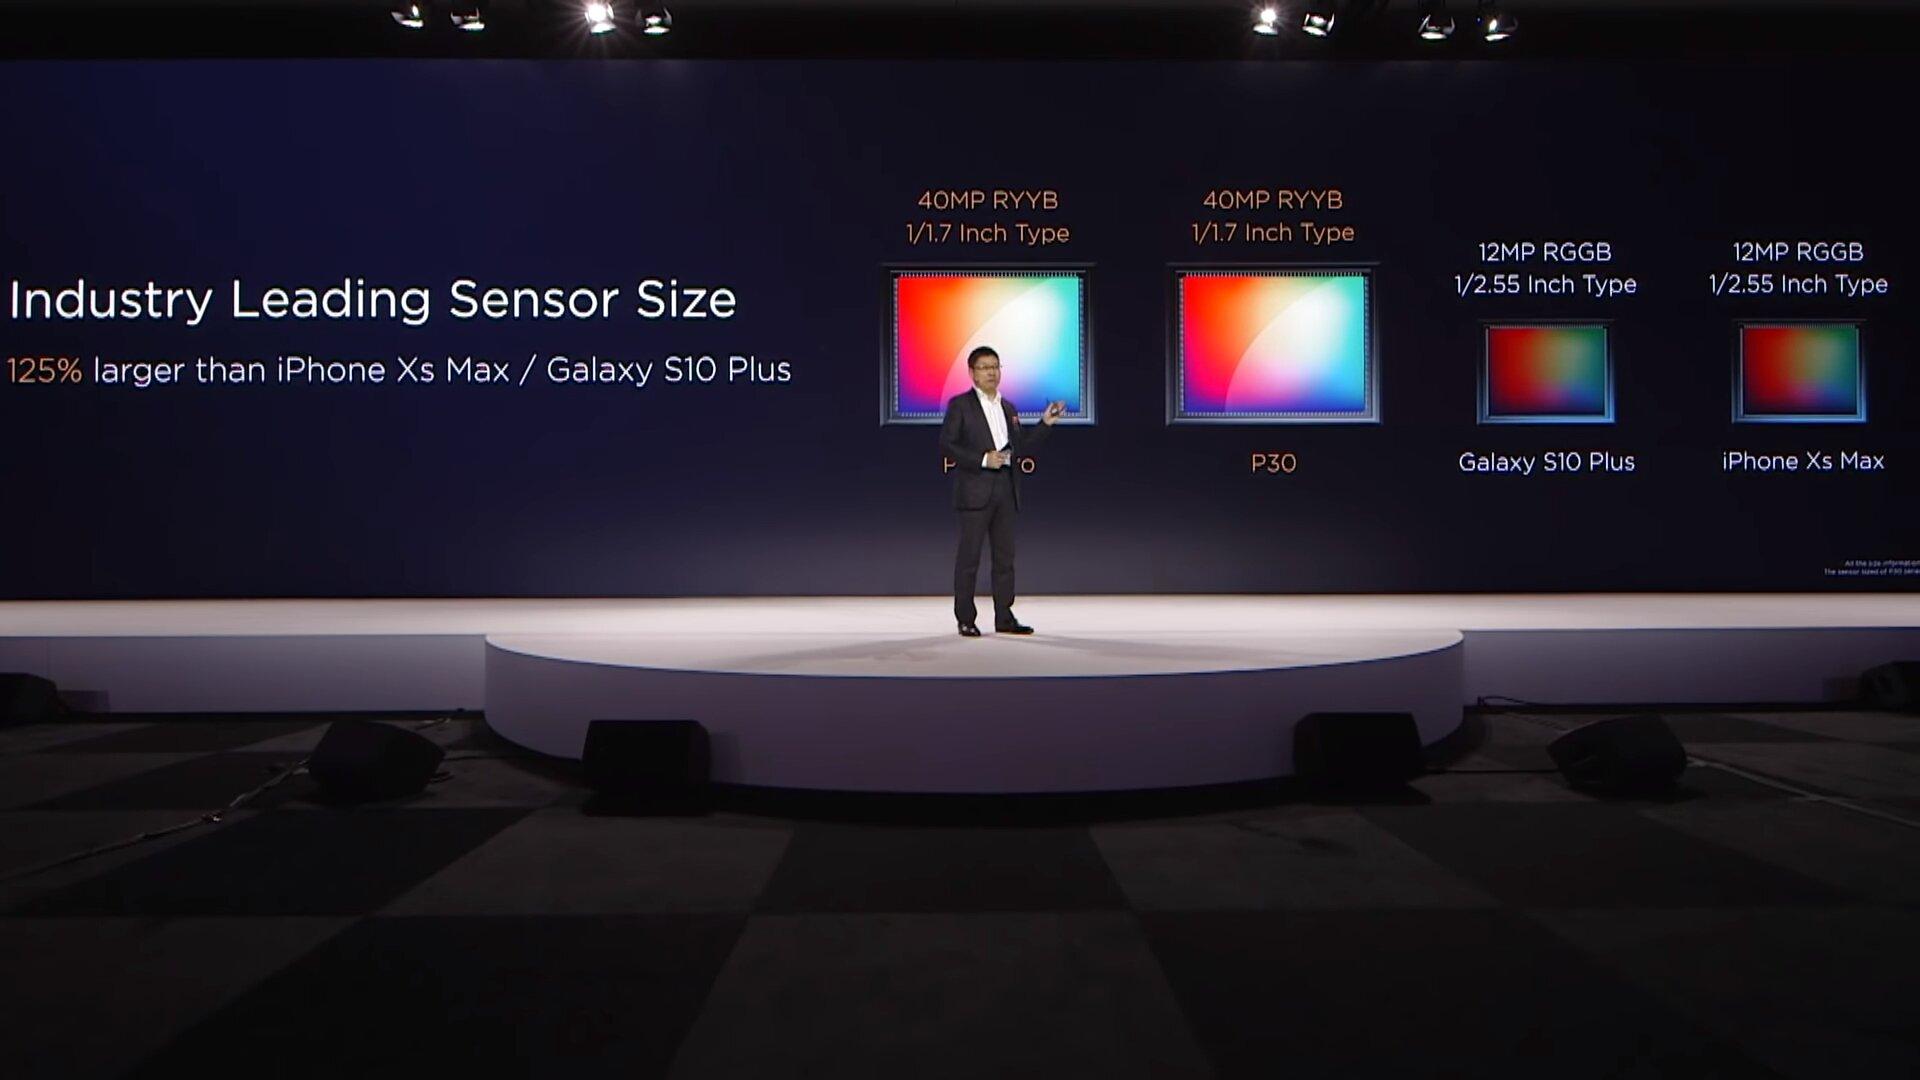 Der Sensor ist mit 1/1,7Zoll wieder vergleichsweise groß